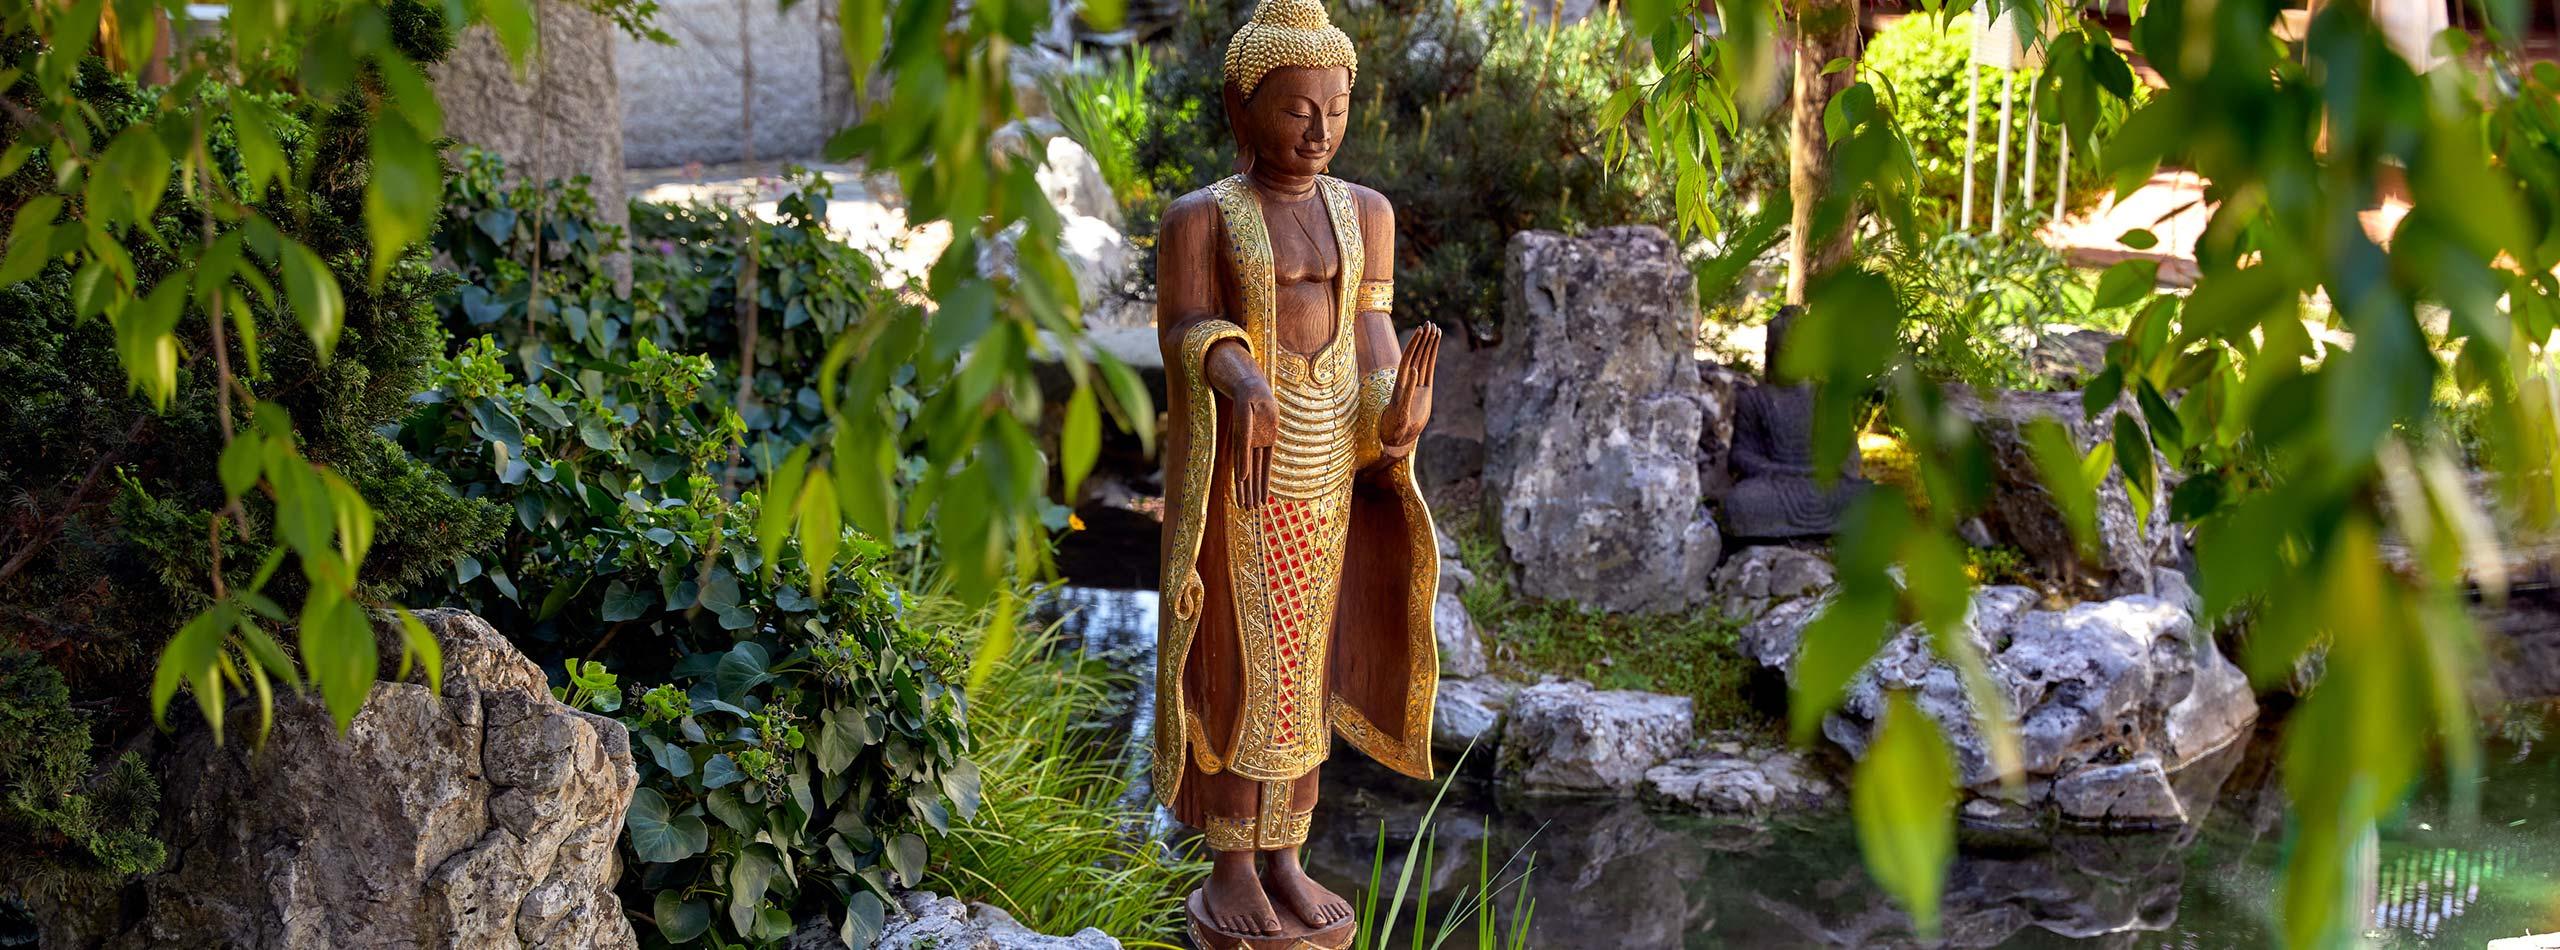 Kinesiologie, die Lehre der Bewegung im Ayurveda Resort Mandira